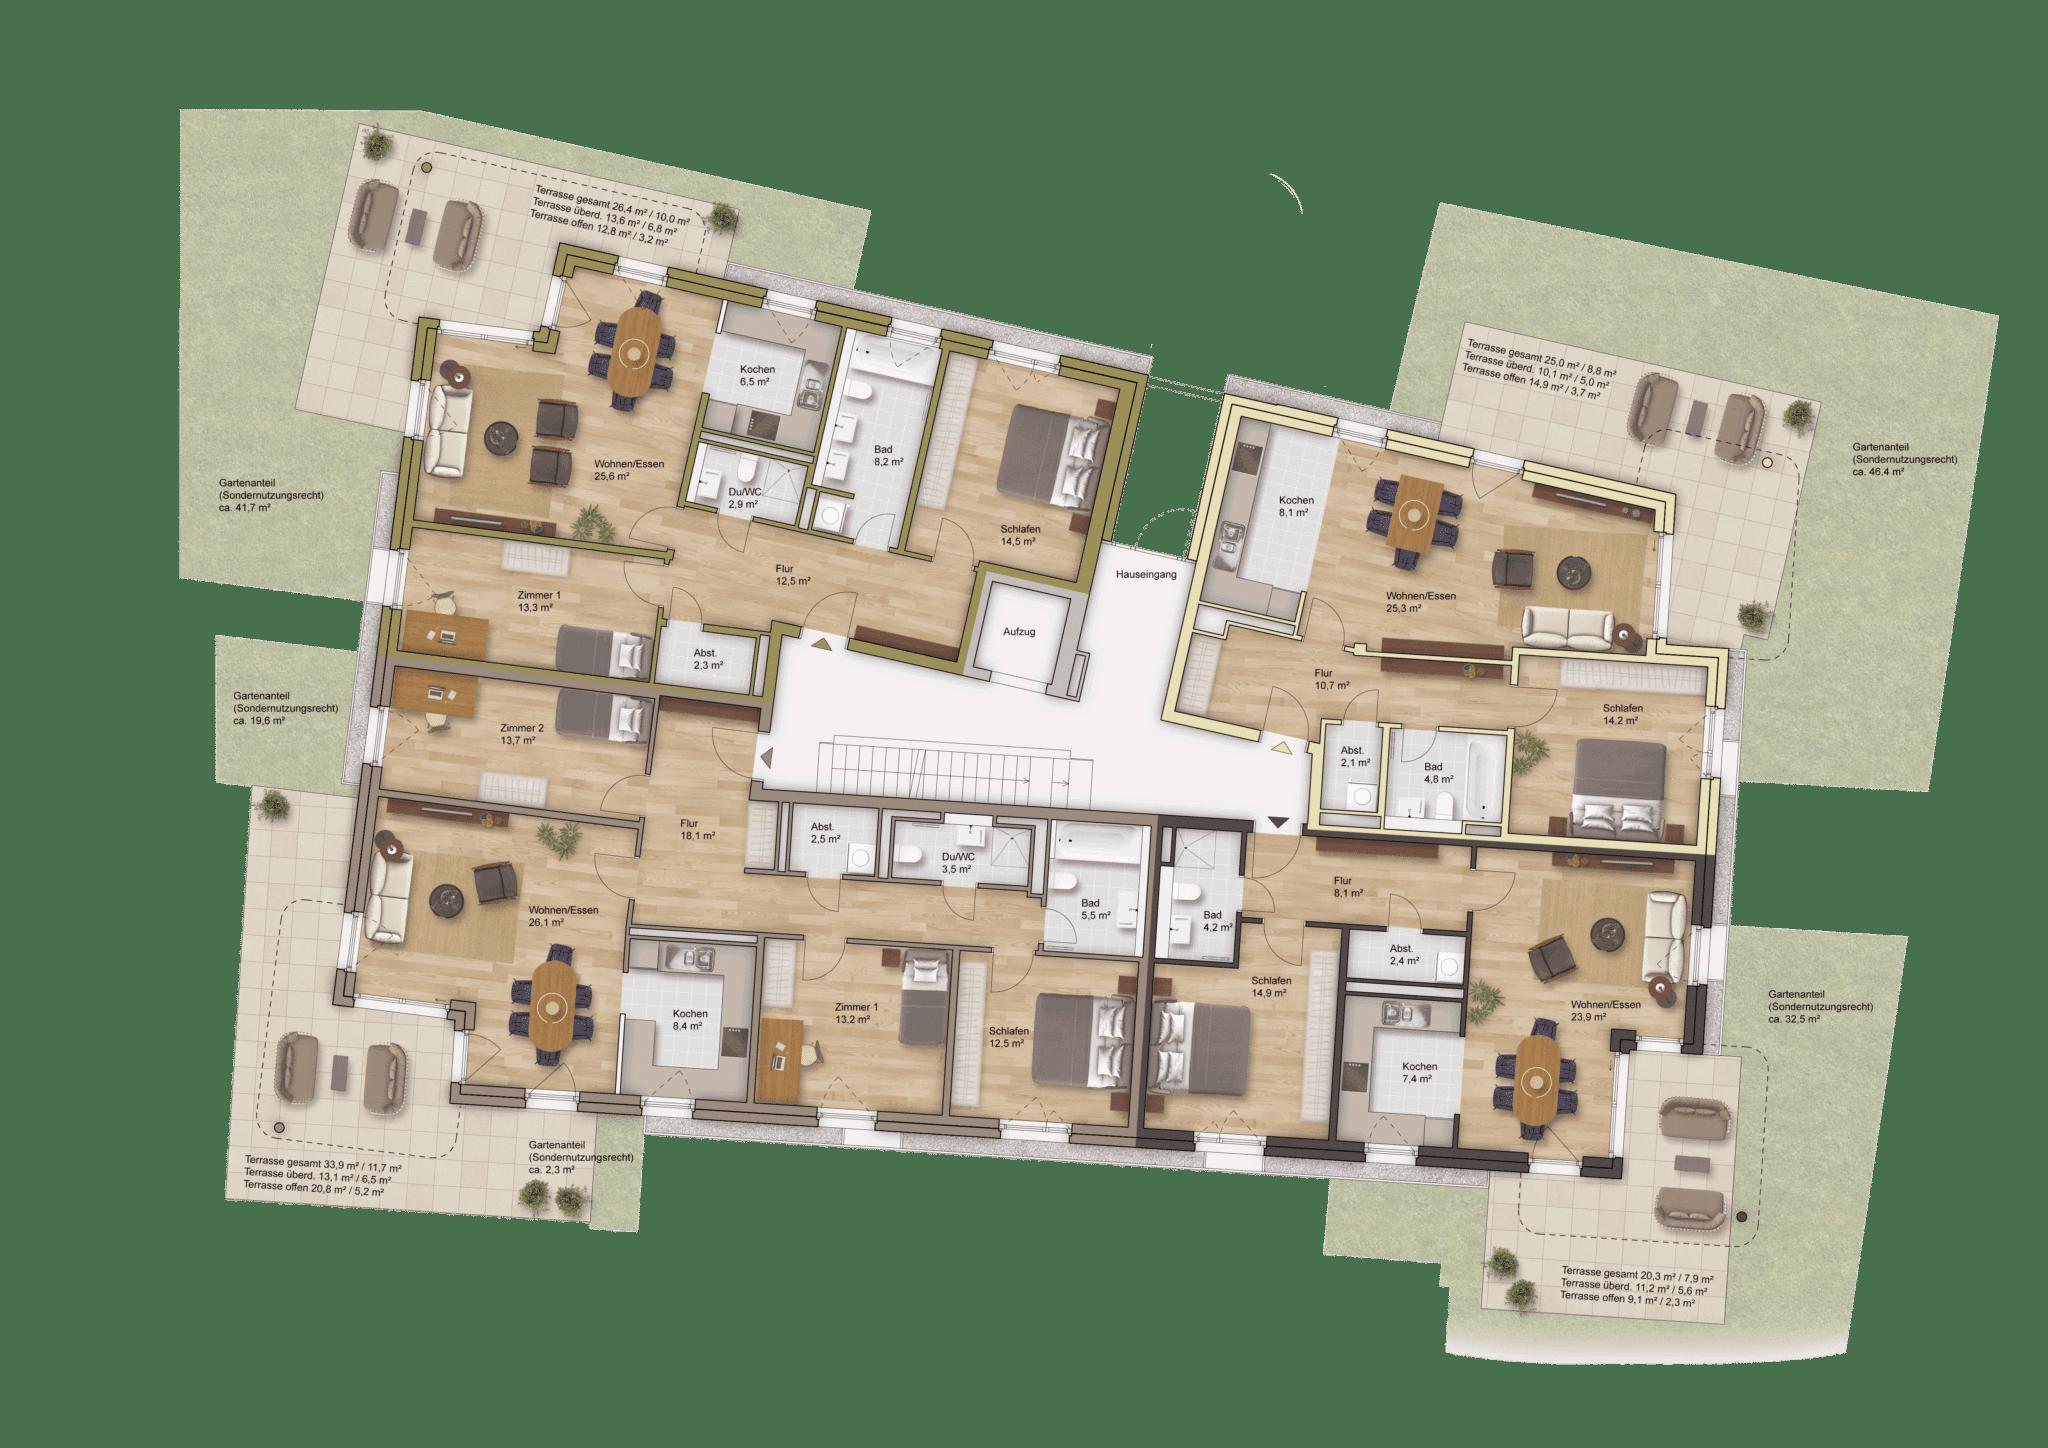 Haus_97_EG_2020_12_10_gesamt_ret_web